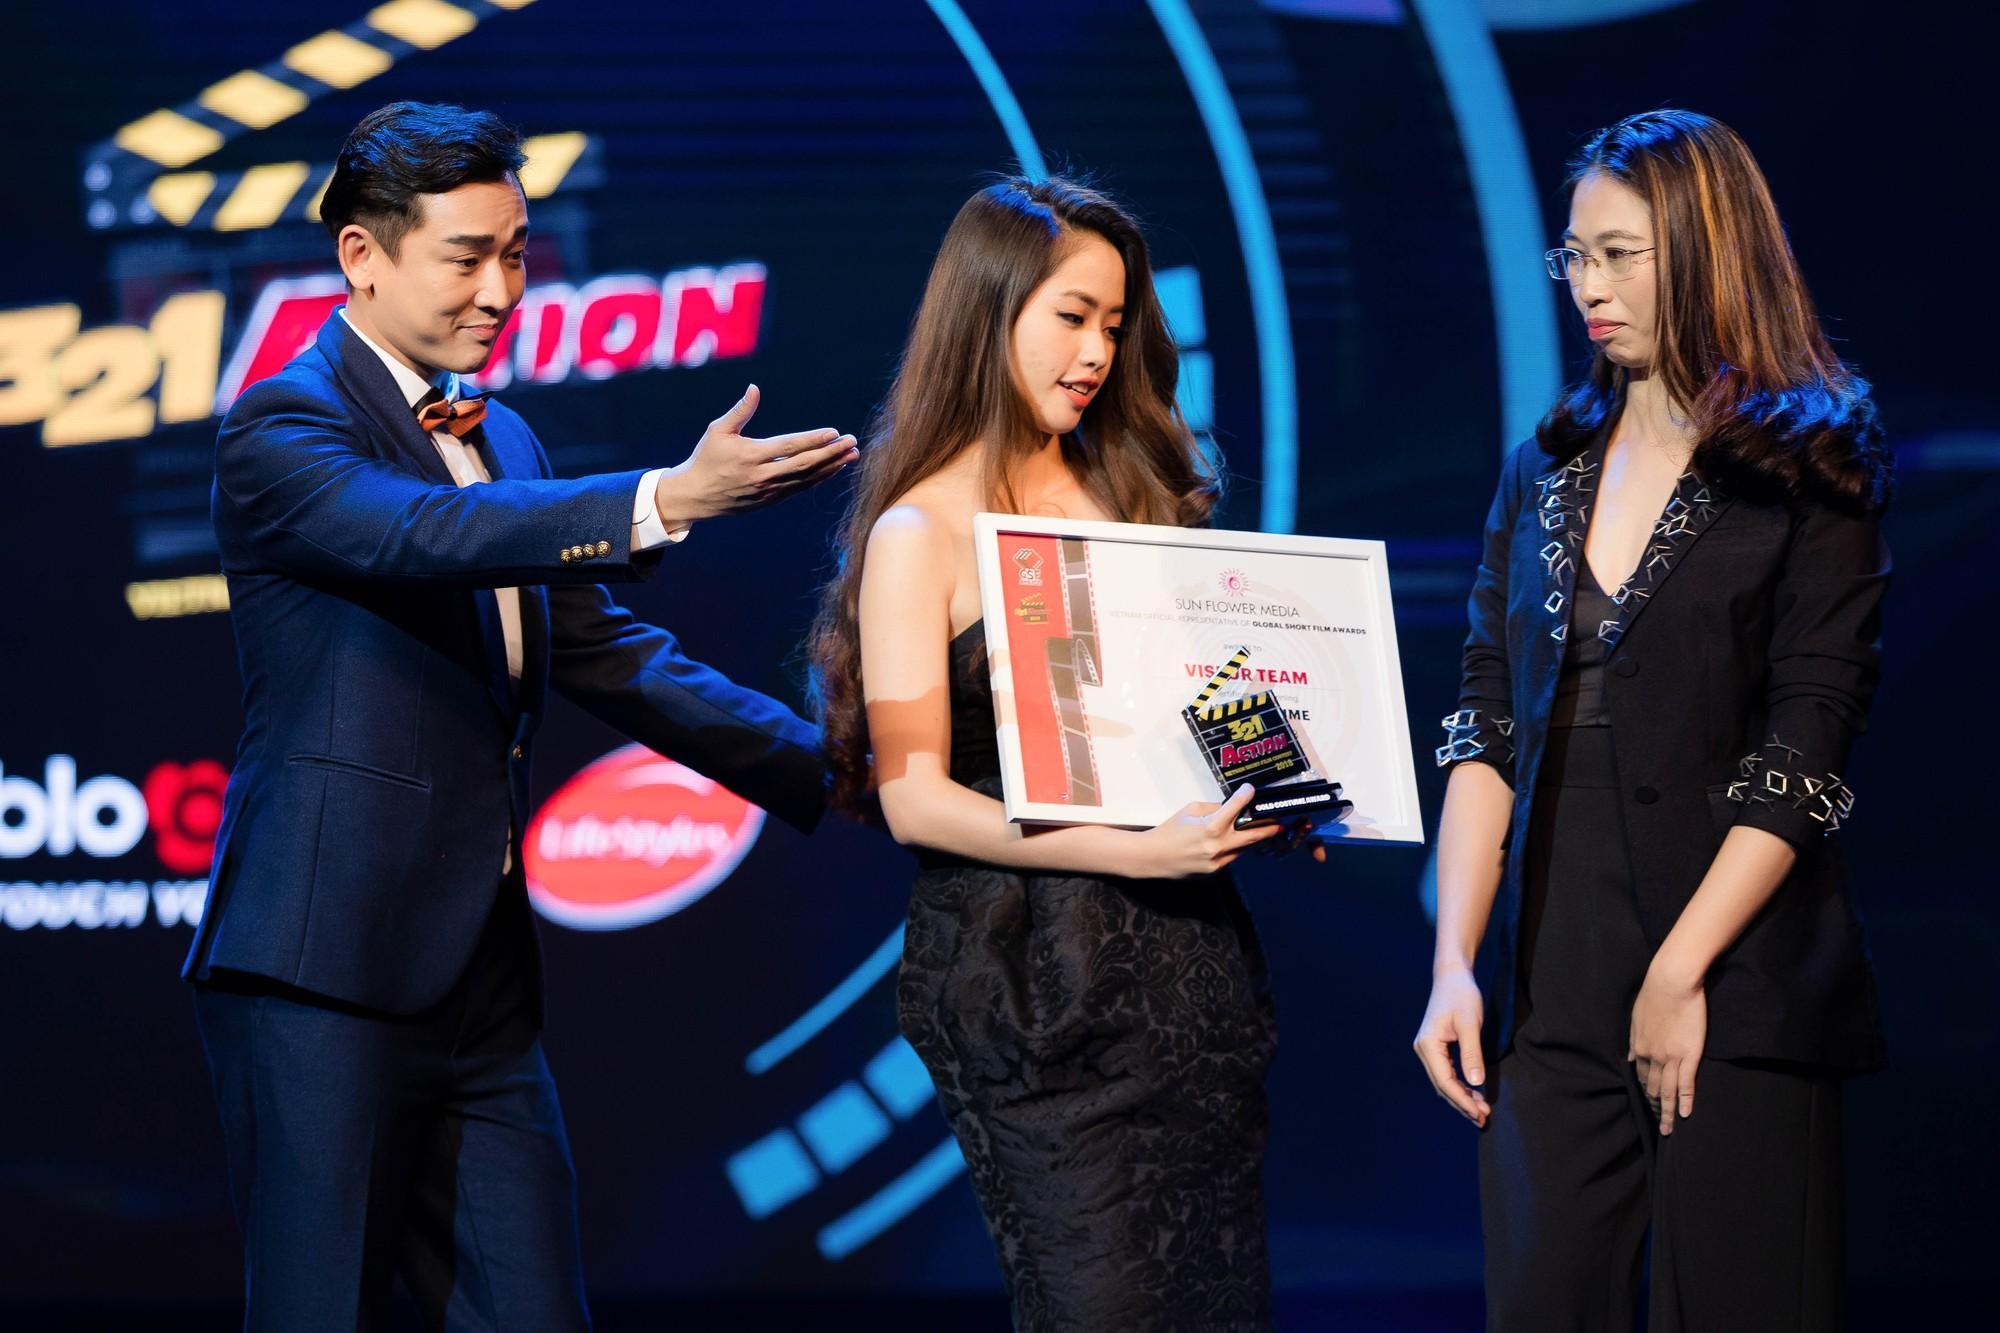 Hứa Vĩ Văn hóa quý ông lịch lãm, Hoa hậu Diệu Linh diện đầm độc nổi bật  - Ảnh 8.